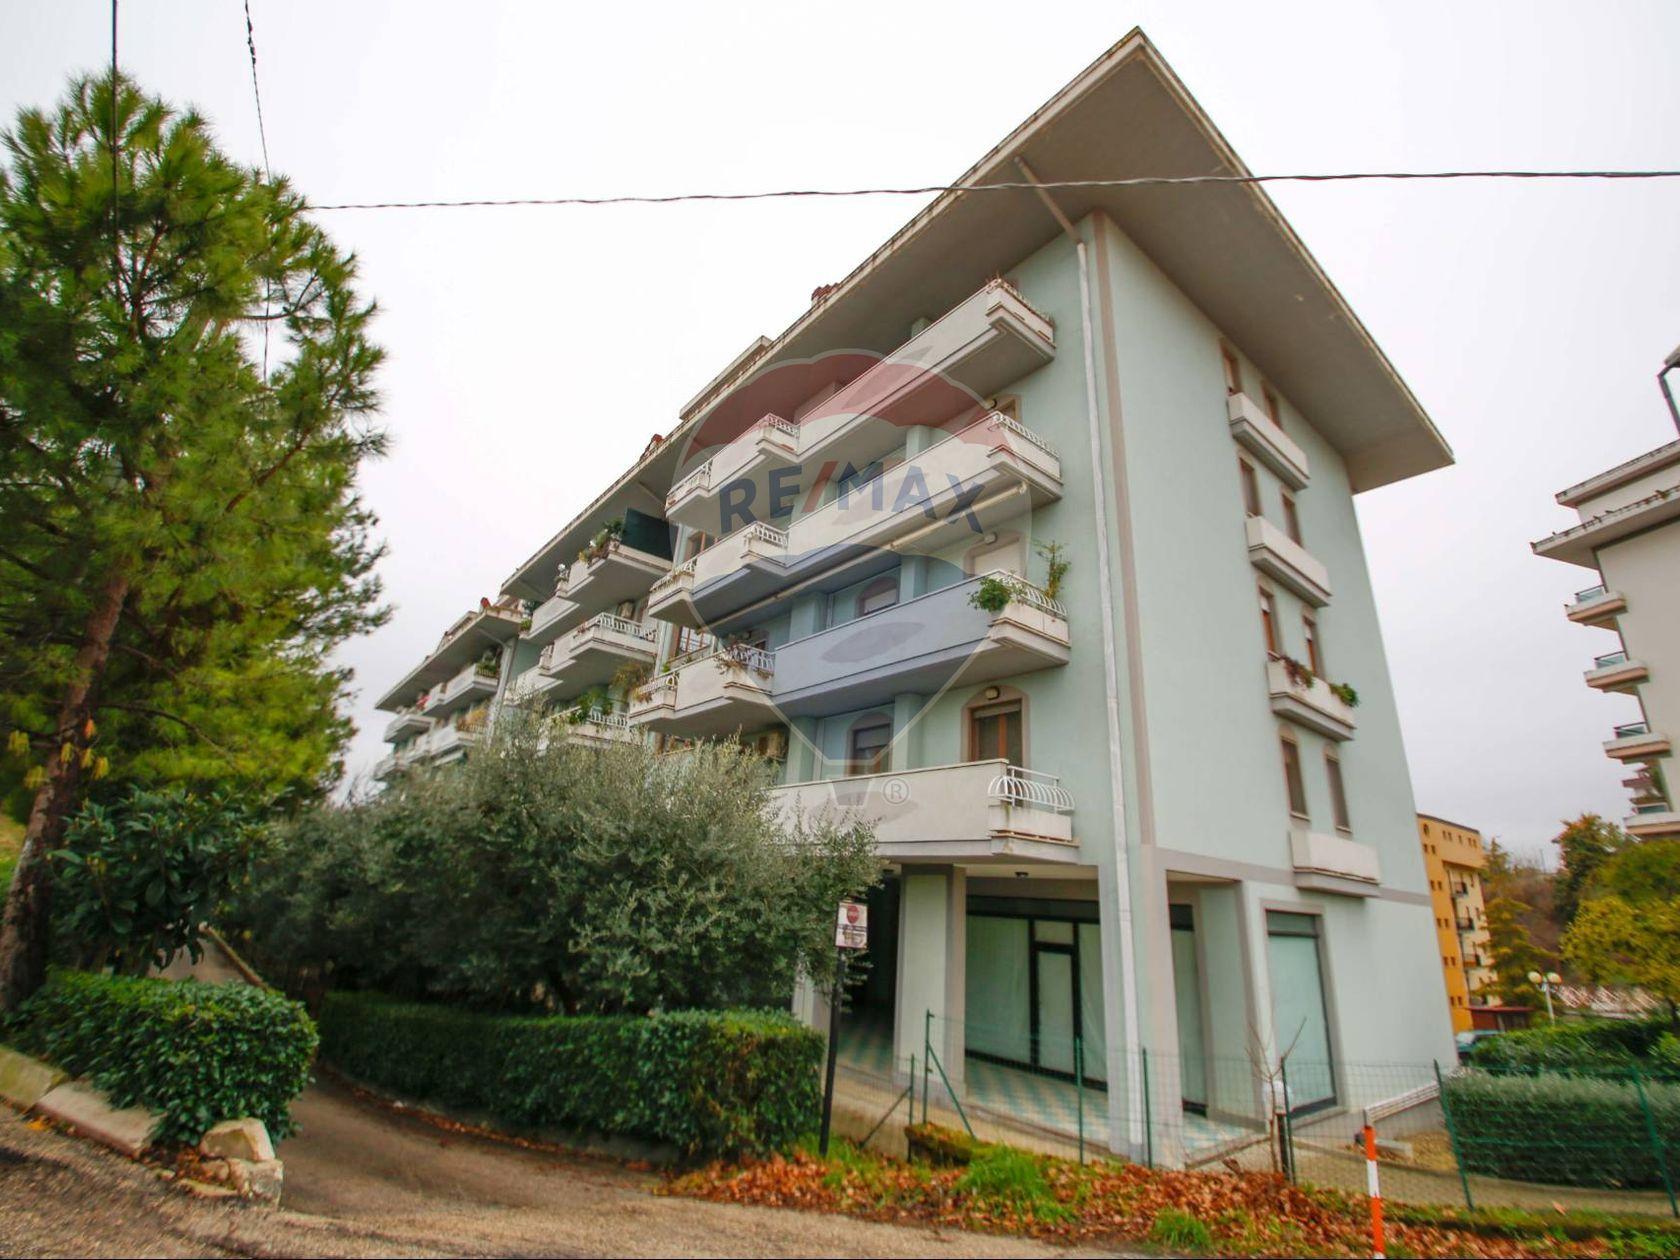 Appartamento Filippone, Chieti, CH Vendita - Foto 2